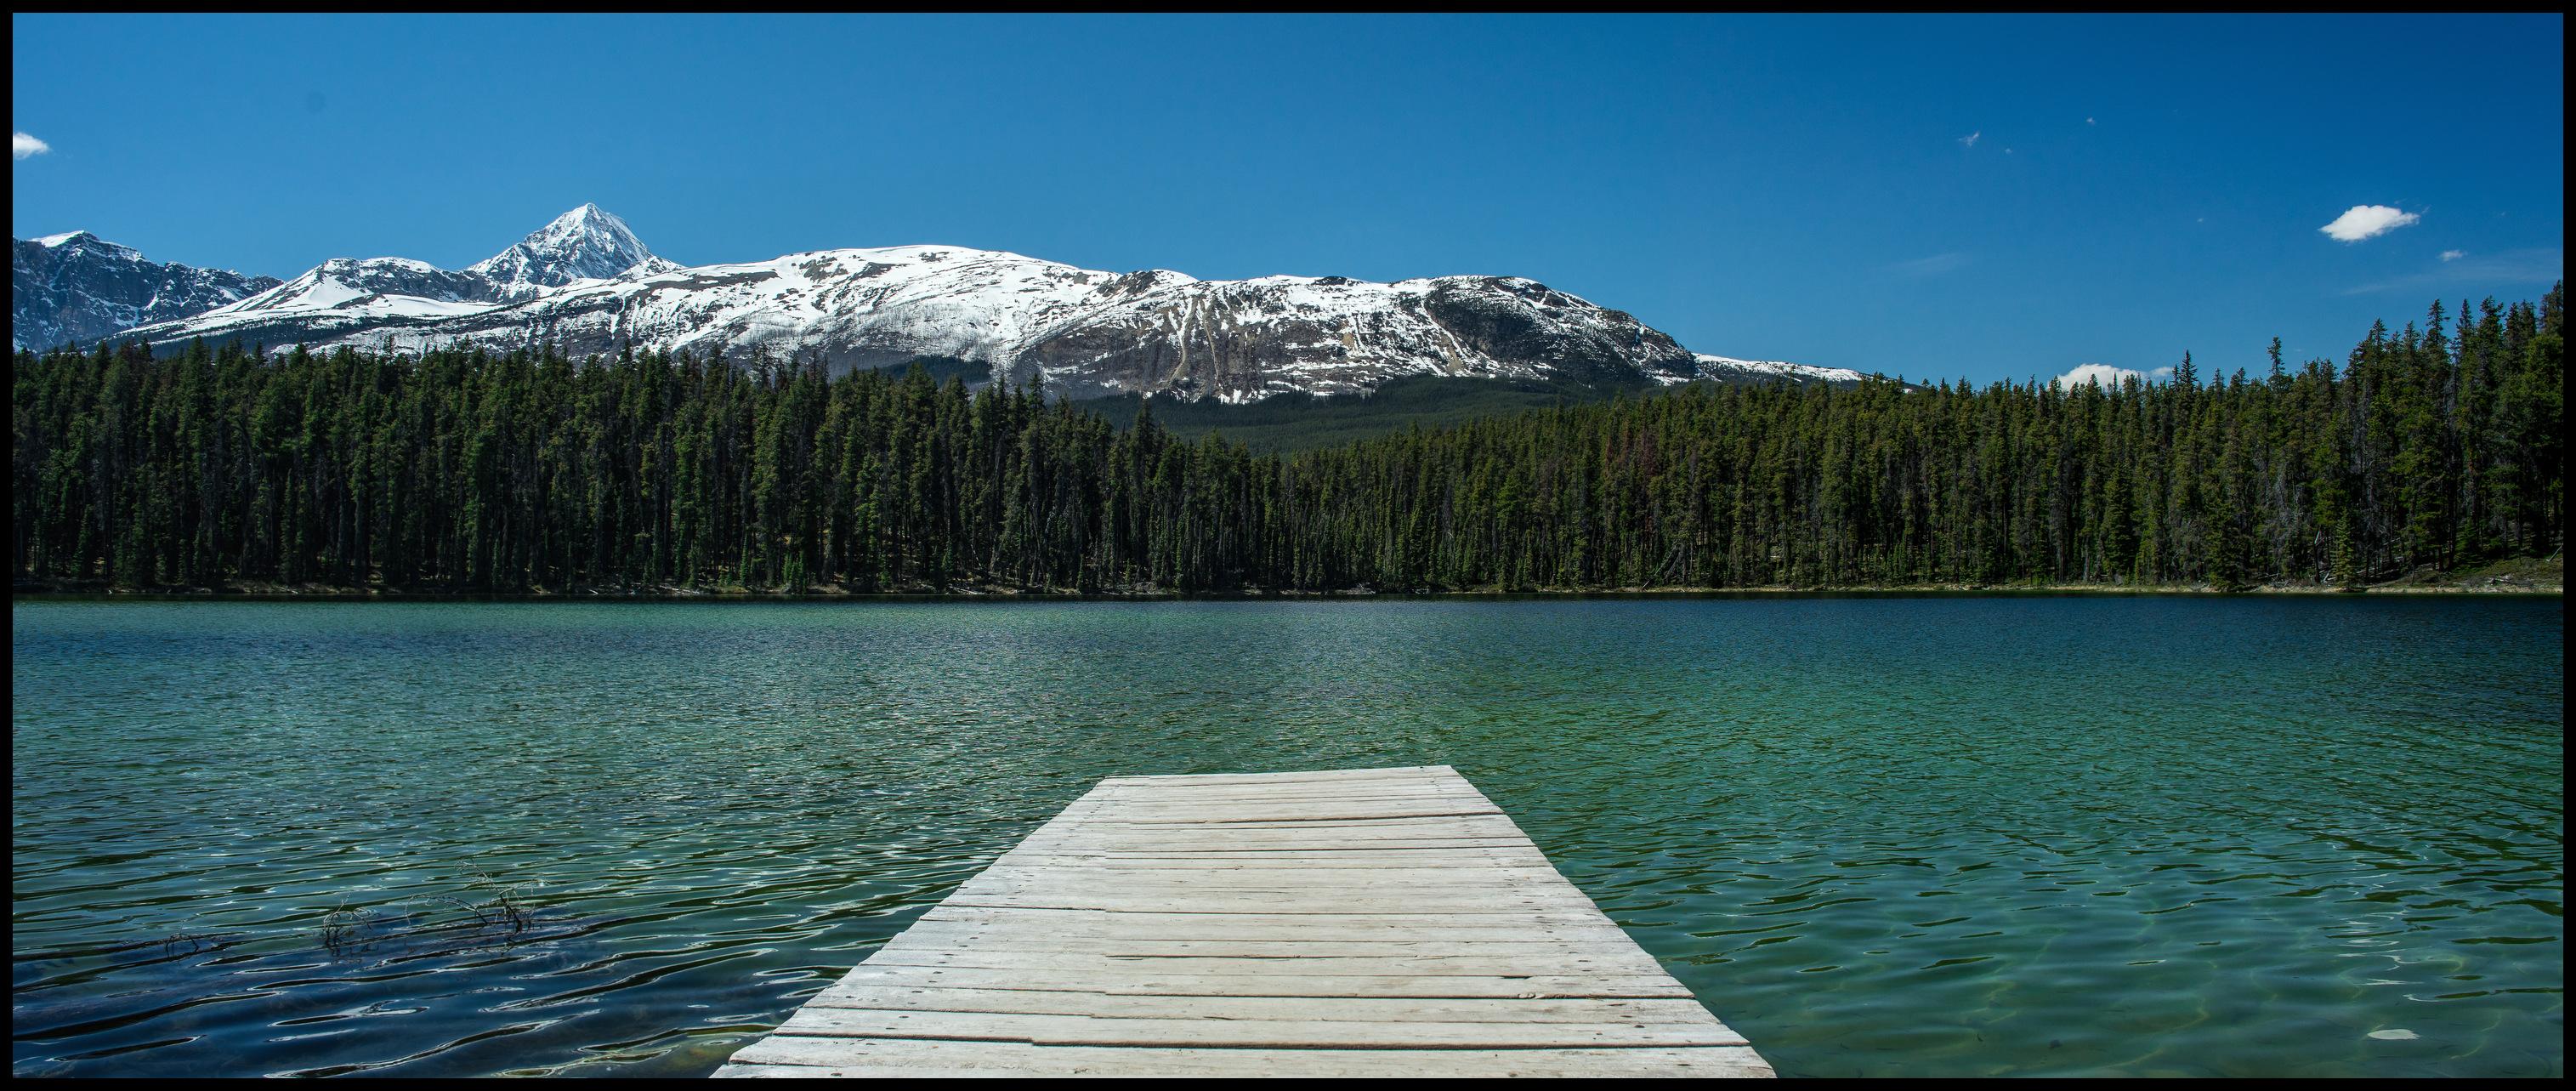 Leach Lake picknick spot near Jasper Sony A7 / Canon FD Tilt Shift 35 2.8